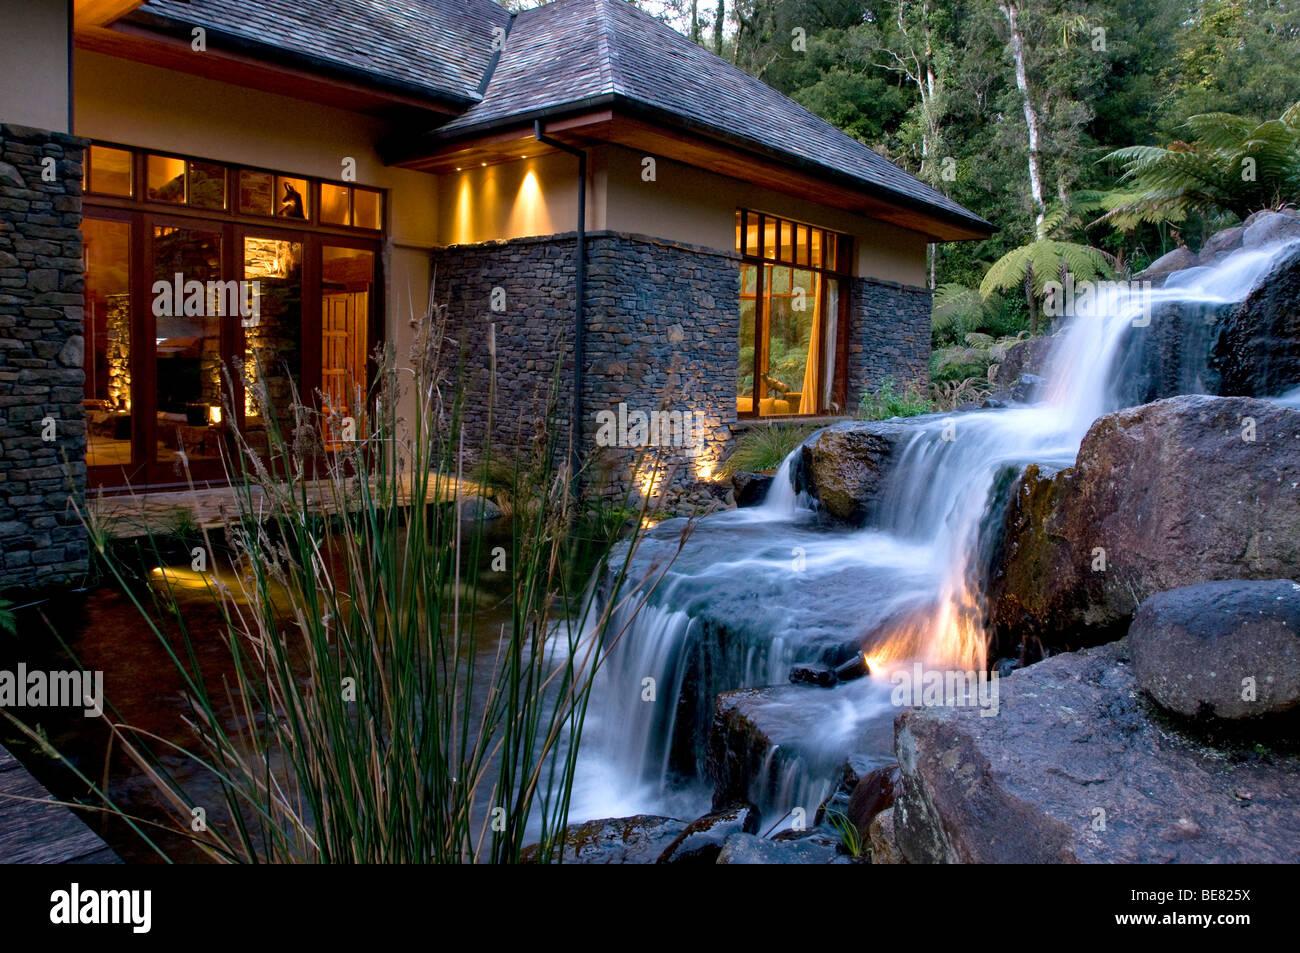 Ein kleiner Wasserfall im Garten der Treetops Lodge, North Island, Neuseeland, Ozeanien Stockbild